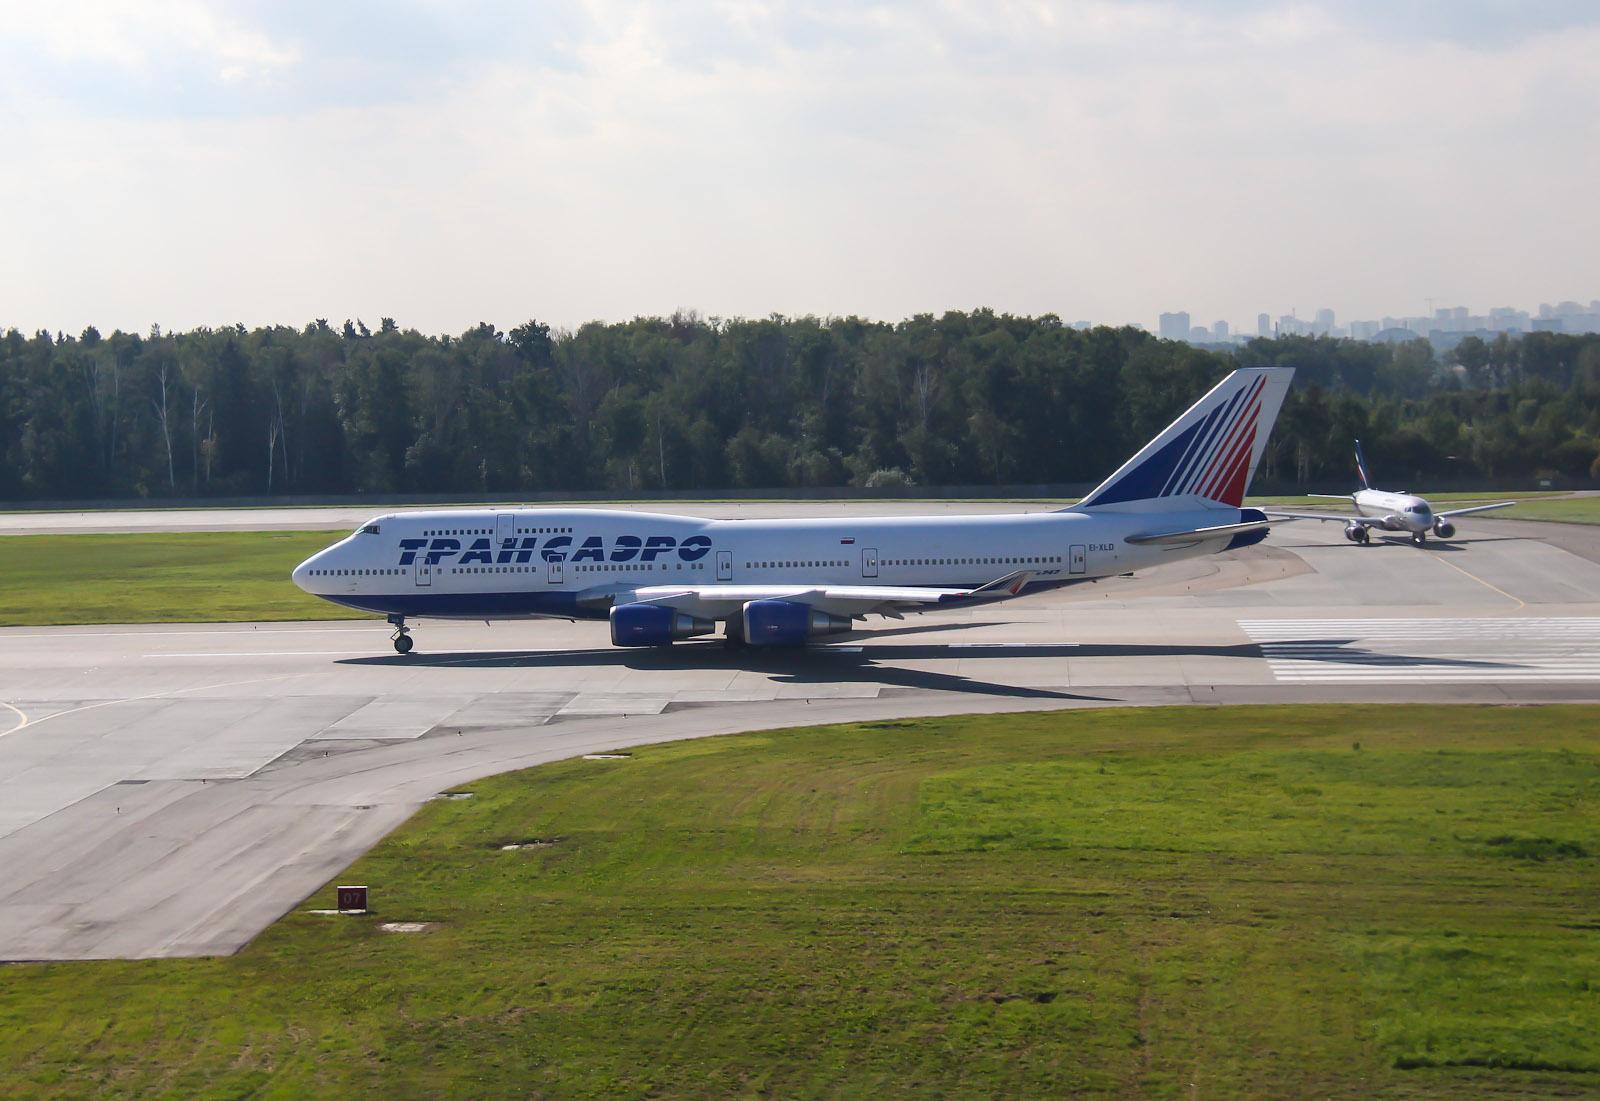 Боинг-747-400 Трансаэро в аэропорту Шереметьево